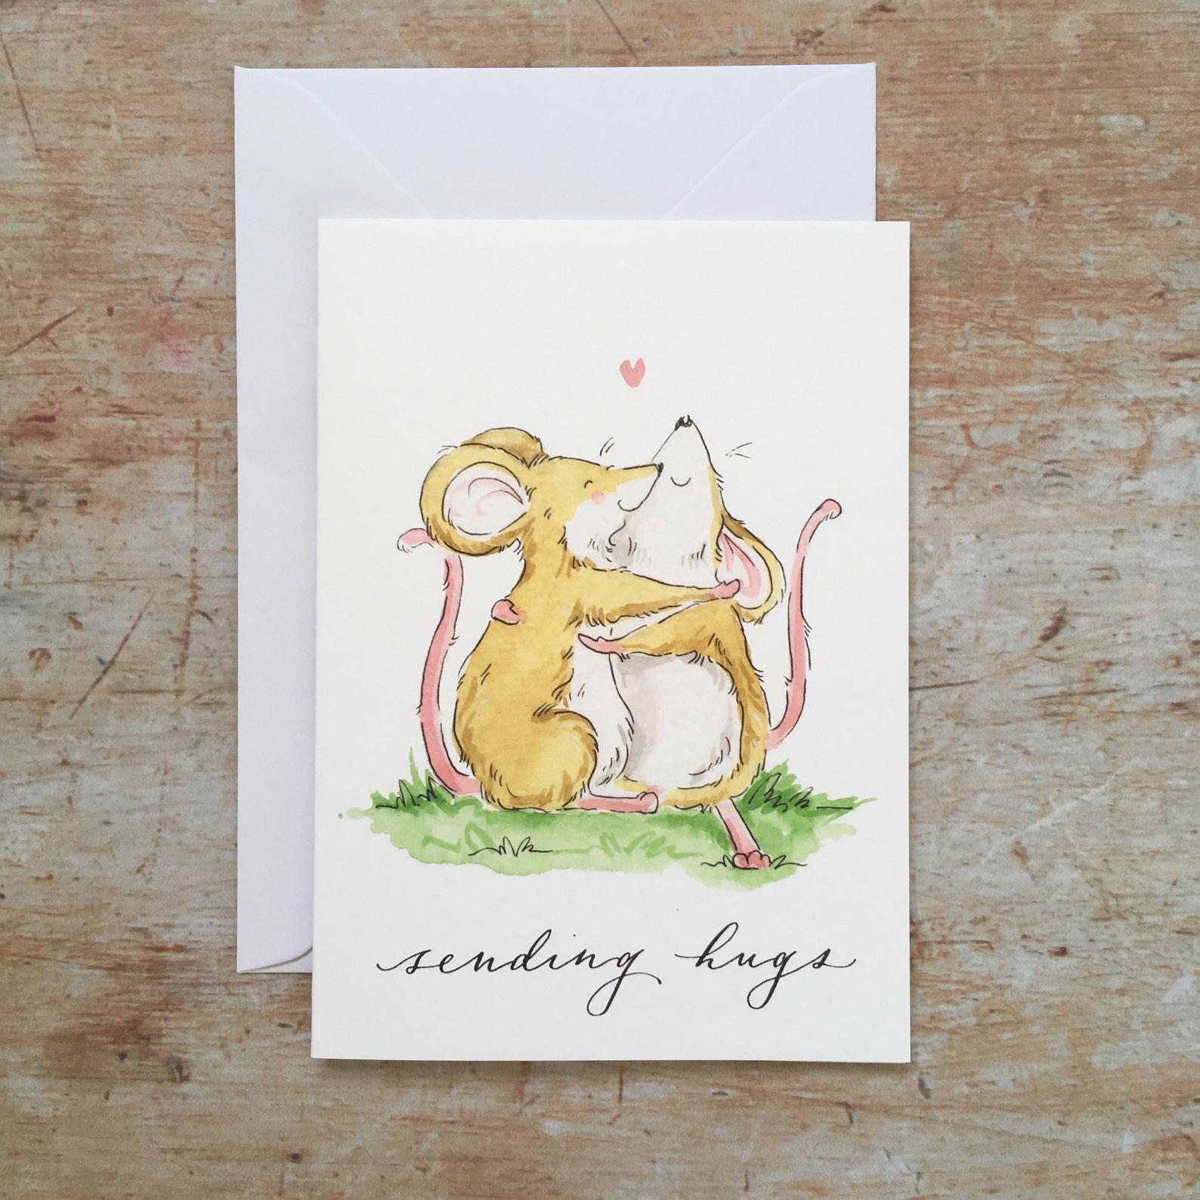 Sending hugs card by ellie hooi illustration